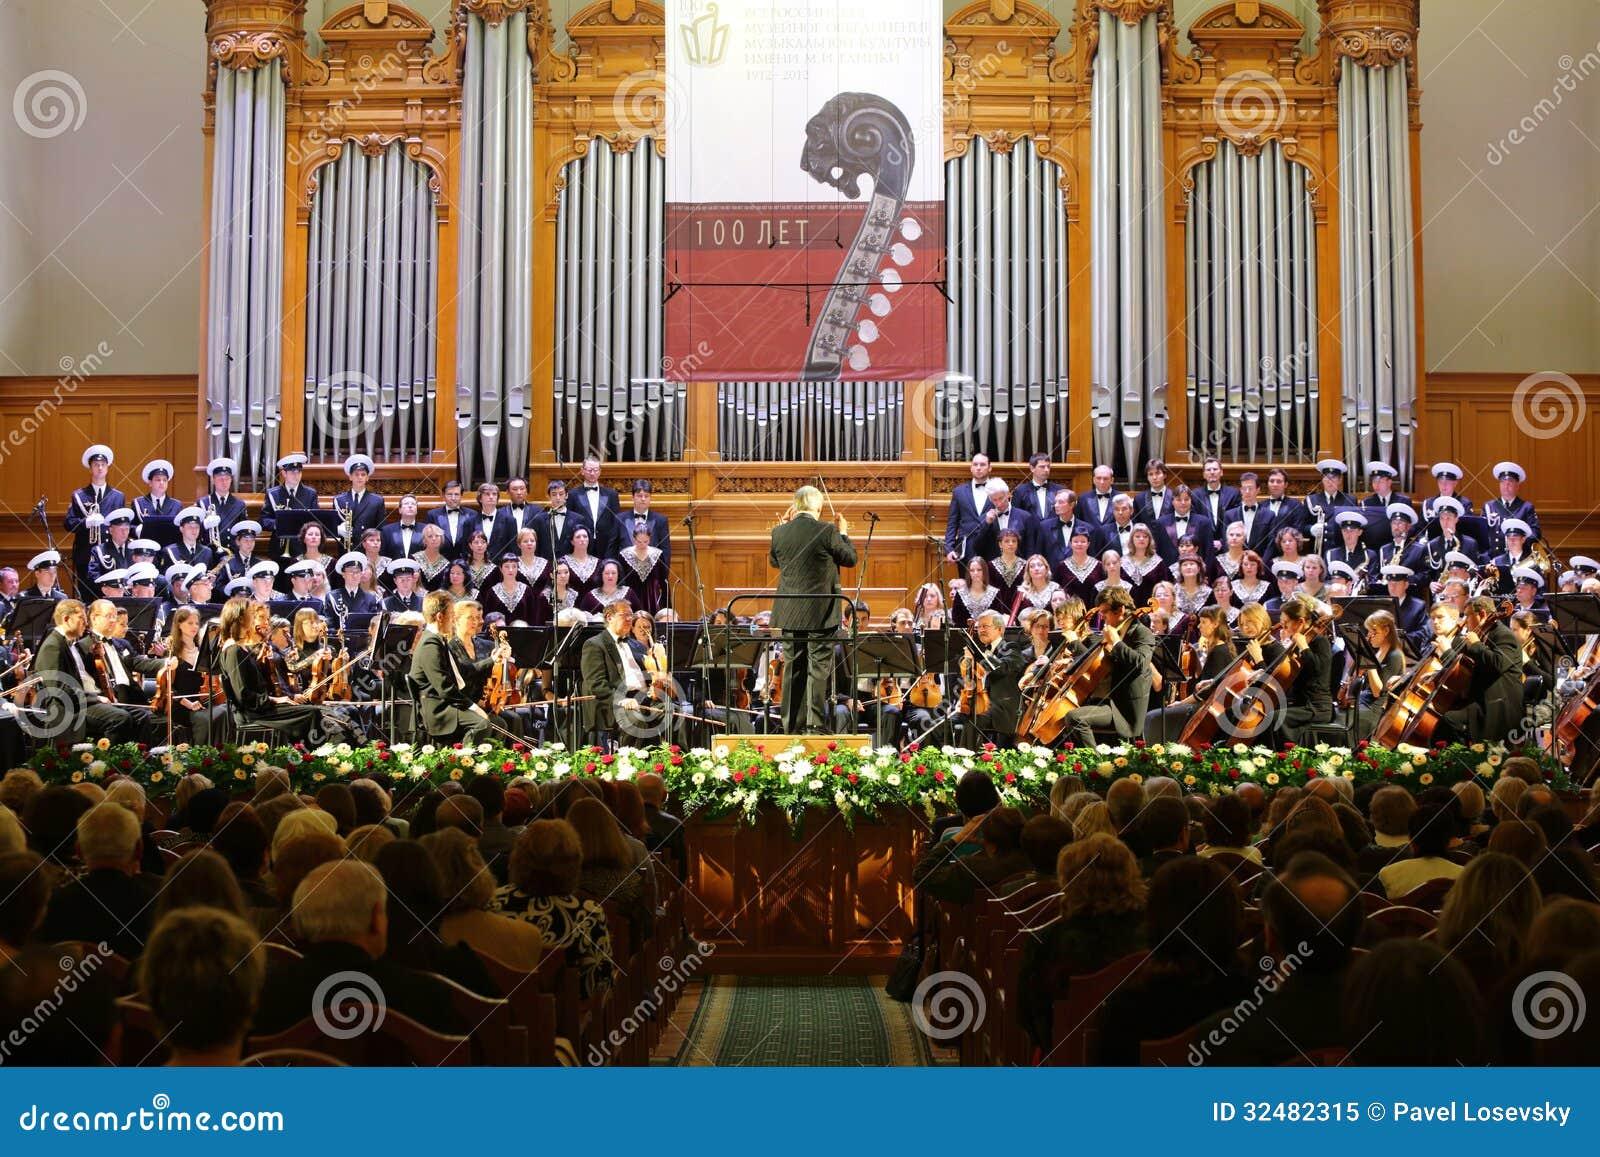 Симфонический оркестр на торжественном вечере